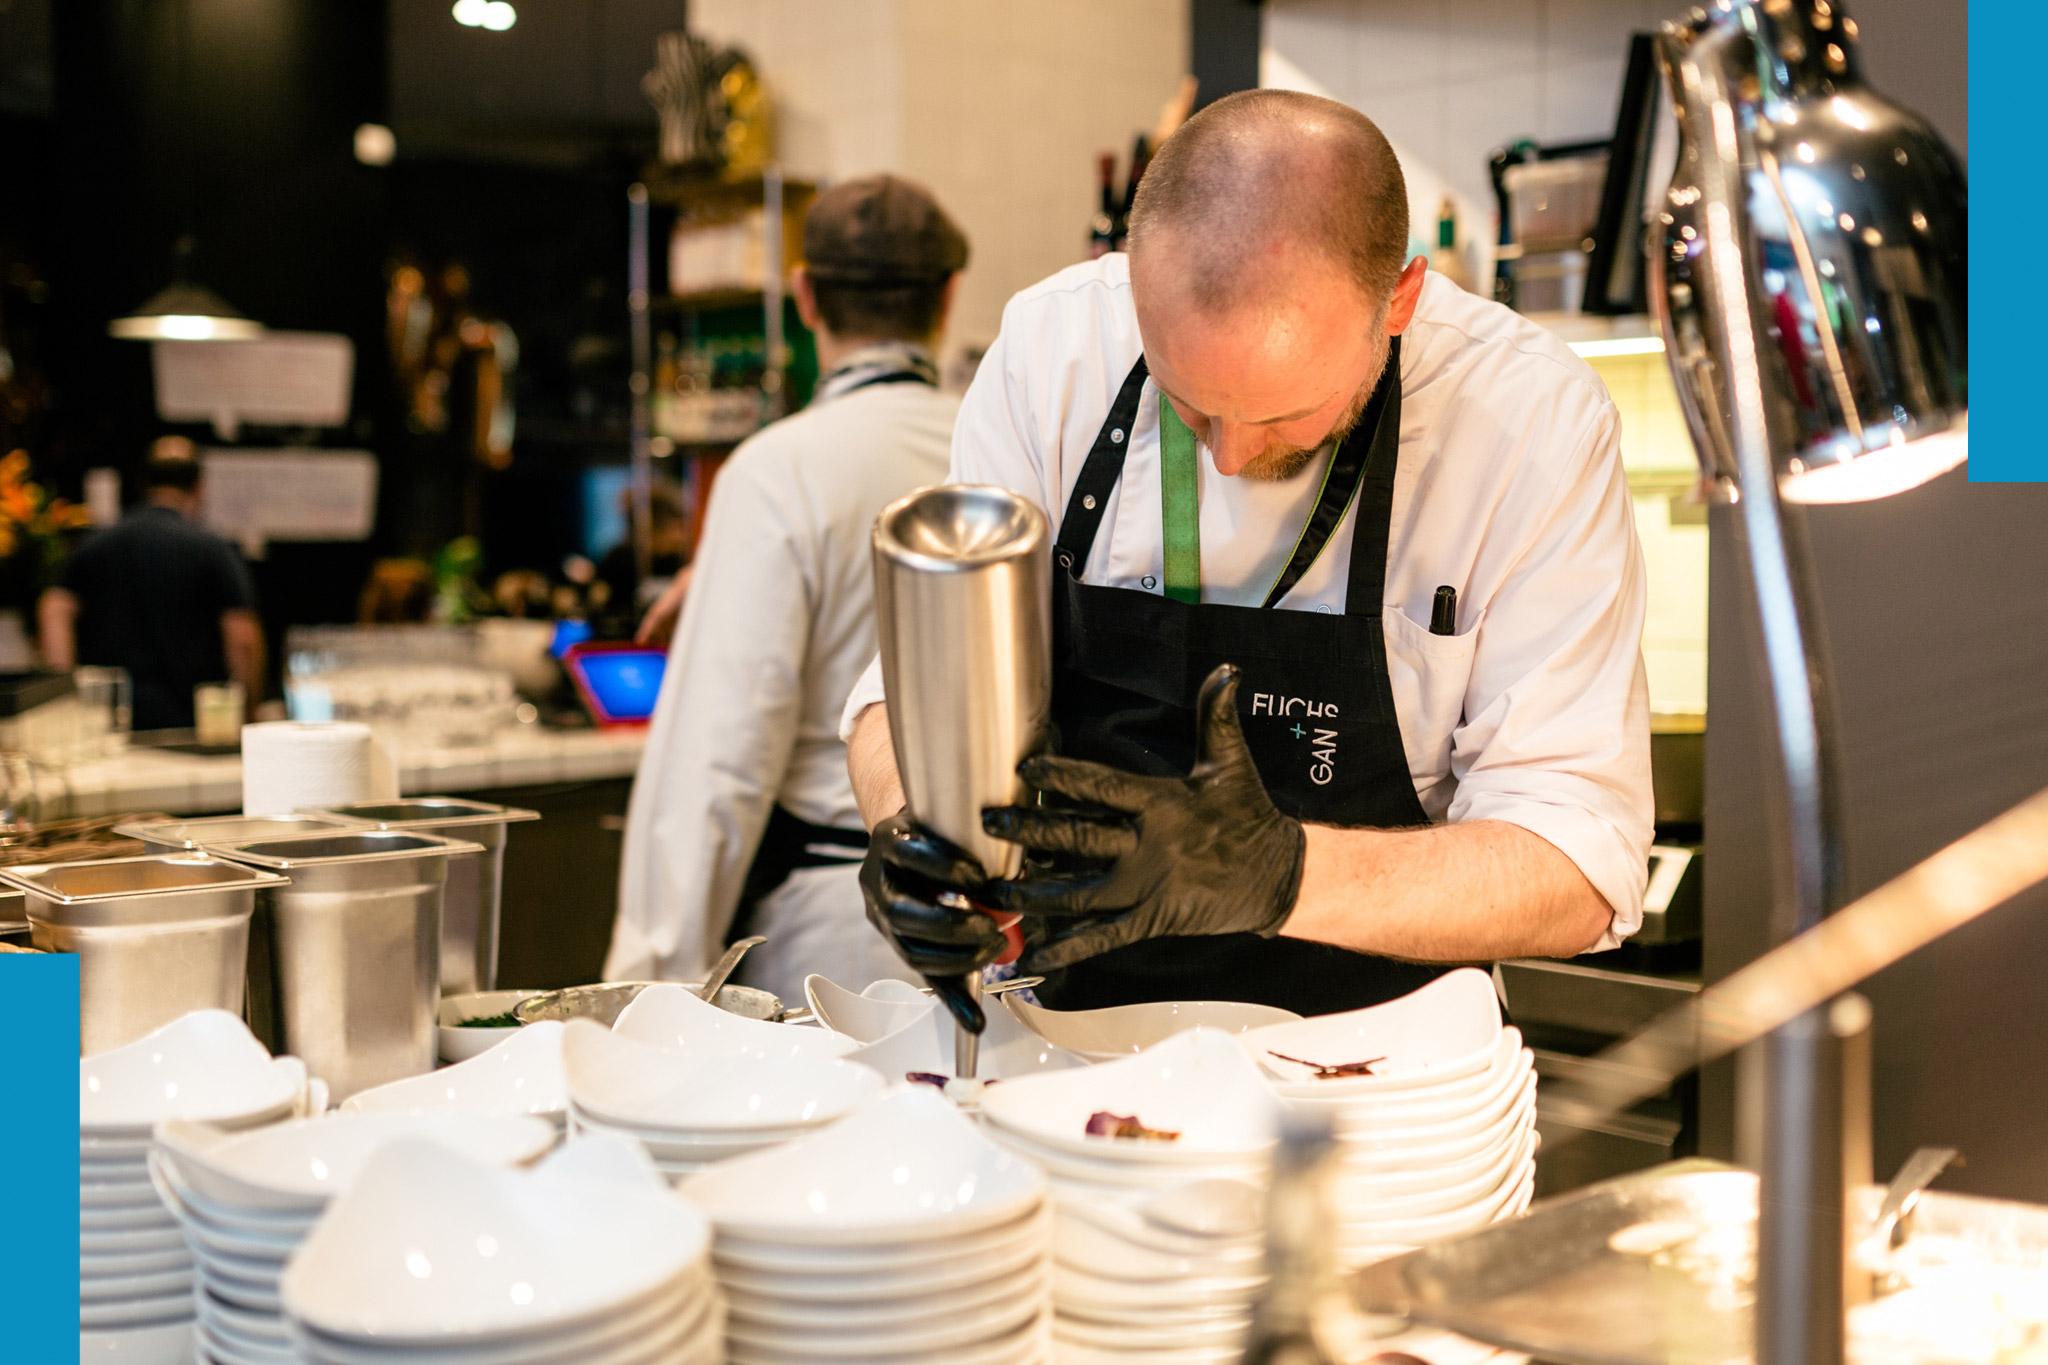 Köchin / Koch - Du hast Spaß am Kochen und an tollen Produkten. Du willst im Team arbeiten und Gastgeber sein. Du bist motiviert und neugierig Neues zu entdecken.Bewirb dich gern direkt unter: jobs@fuchsundgans.comDownload Aufgabenbeschreibung